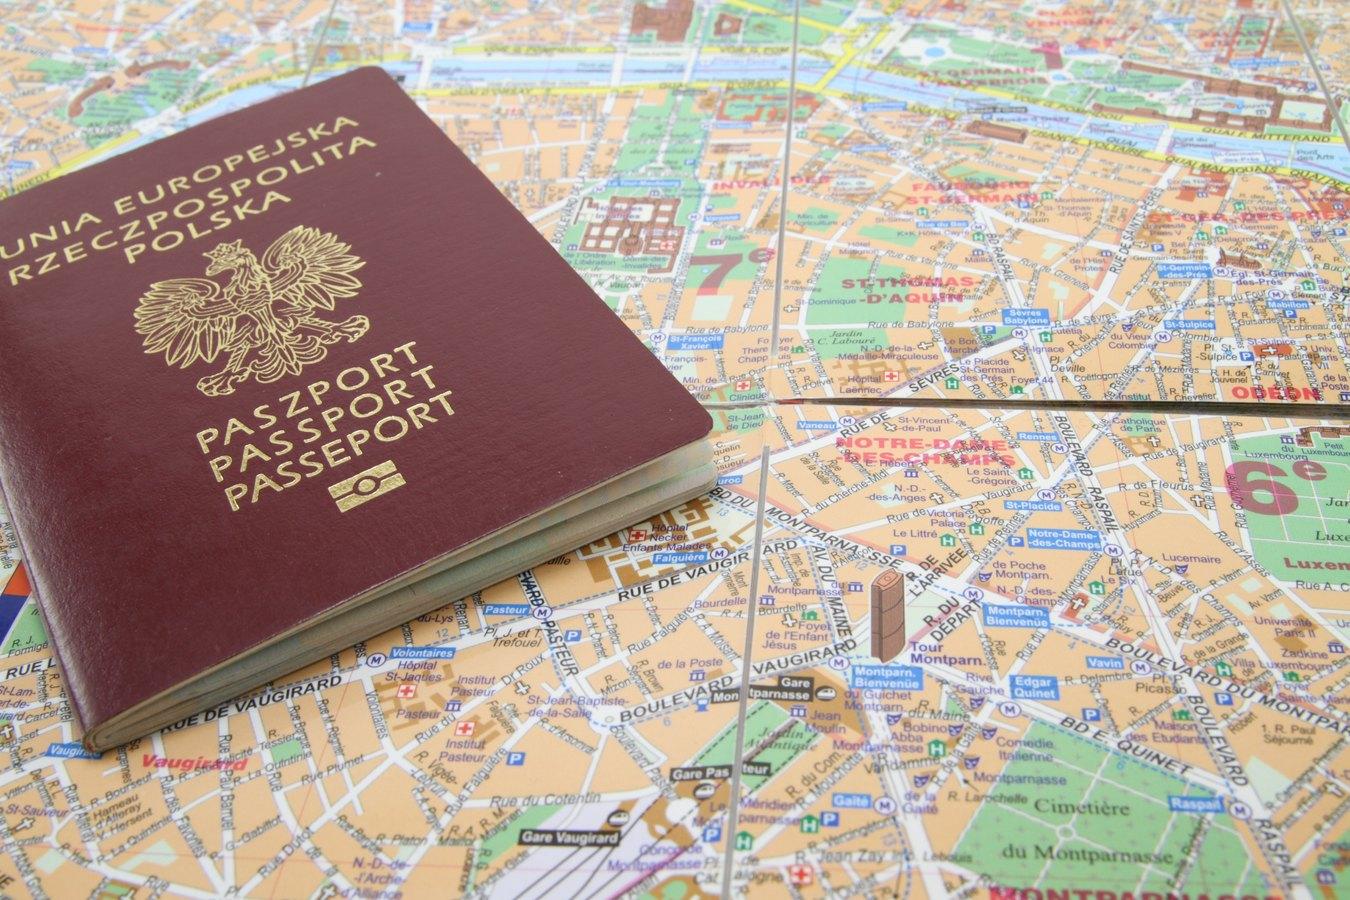 Polski paszport na tle mapy Paryża